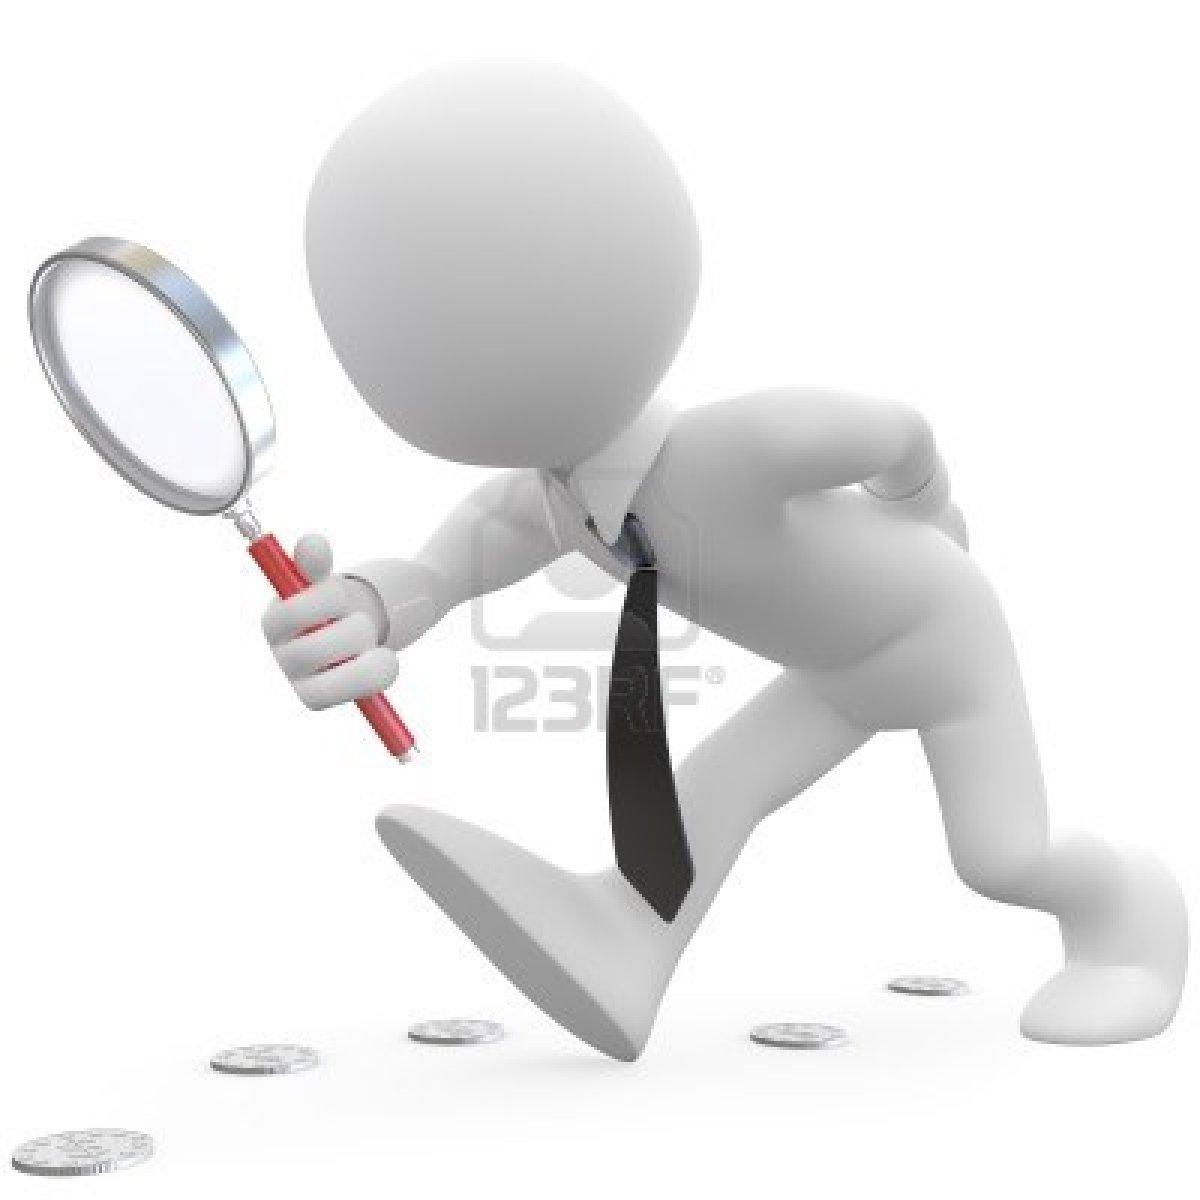 Recherche homme d'affaire en algerie